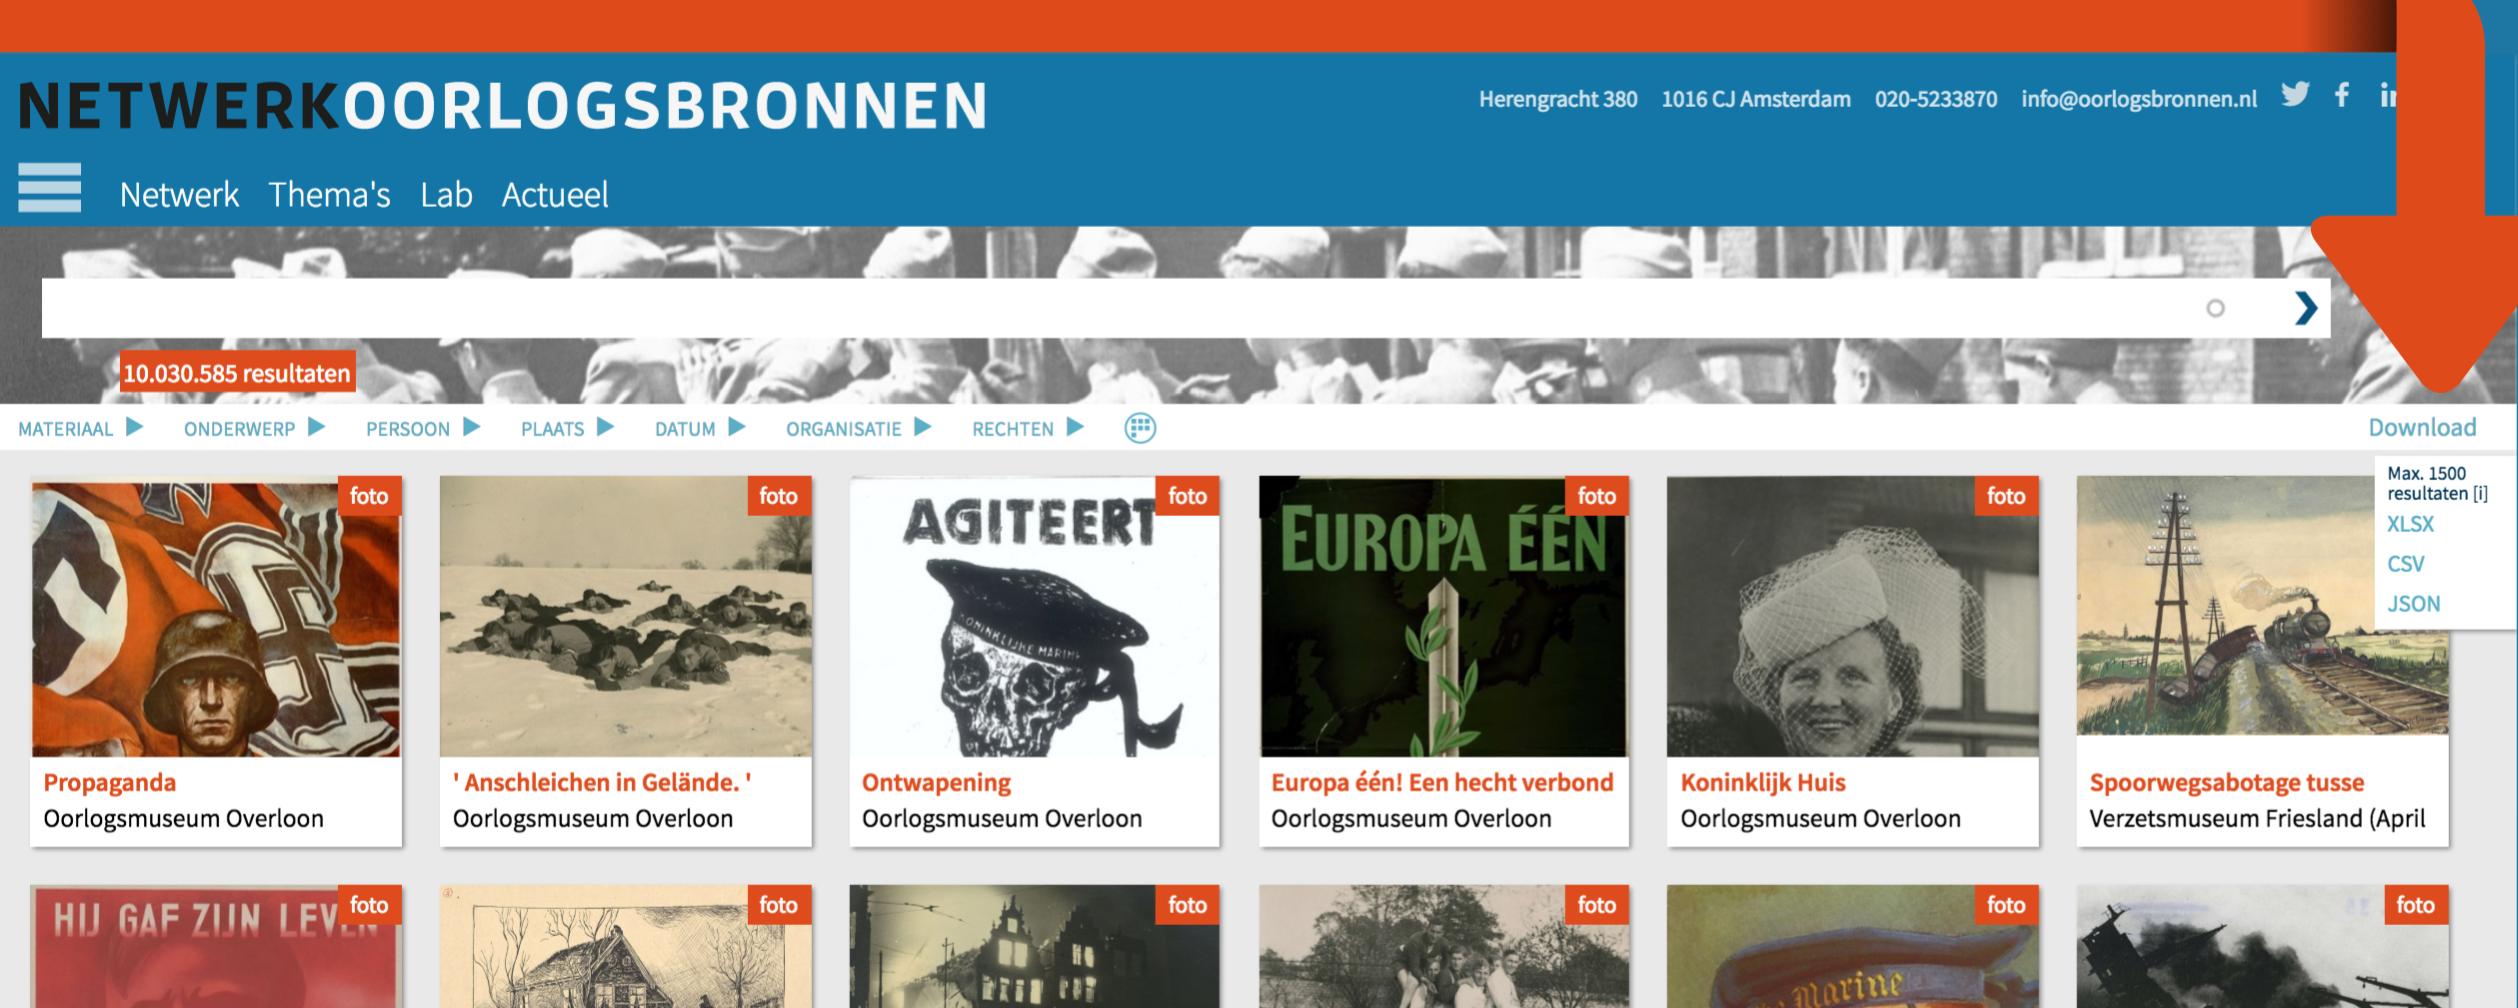 Zoekresultaten downloaden in de collectie-portal Oorlogsbronnen.nl